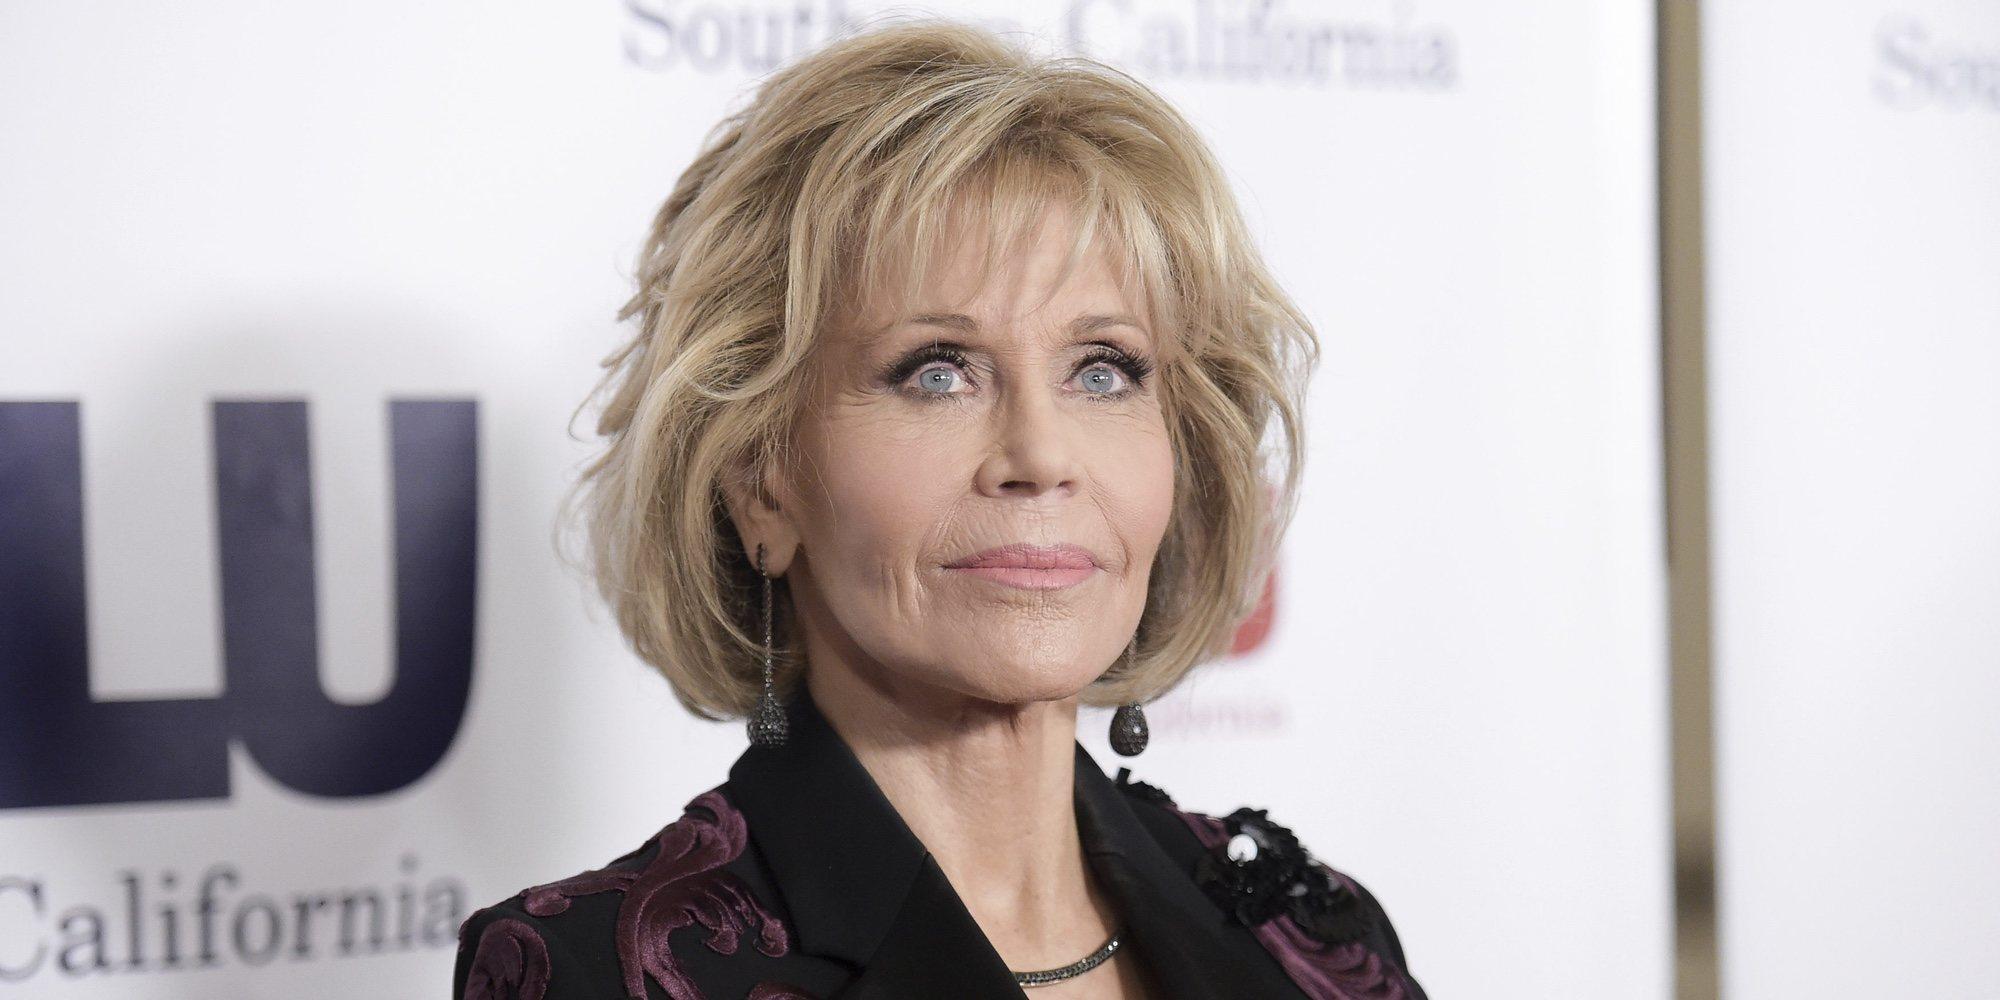 Jane Fonda revela que ha luchado en los últimos años contra varios tipos de cáncer